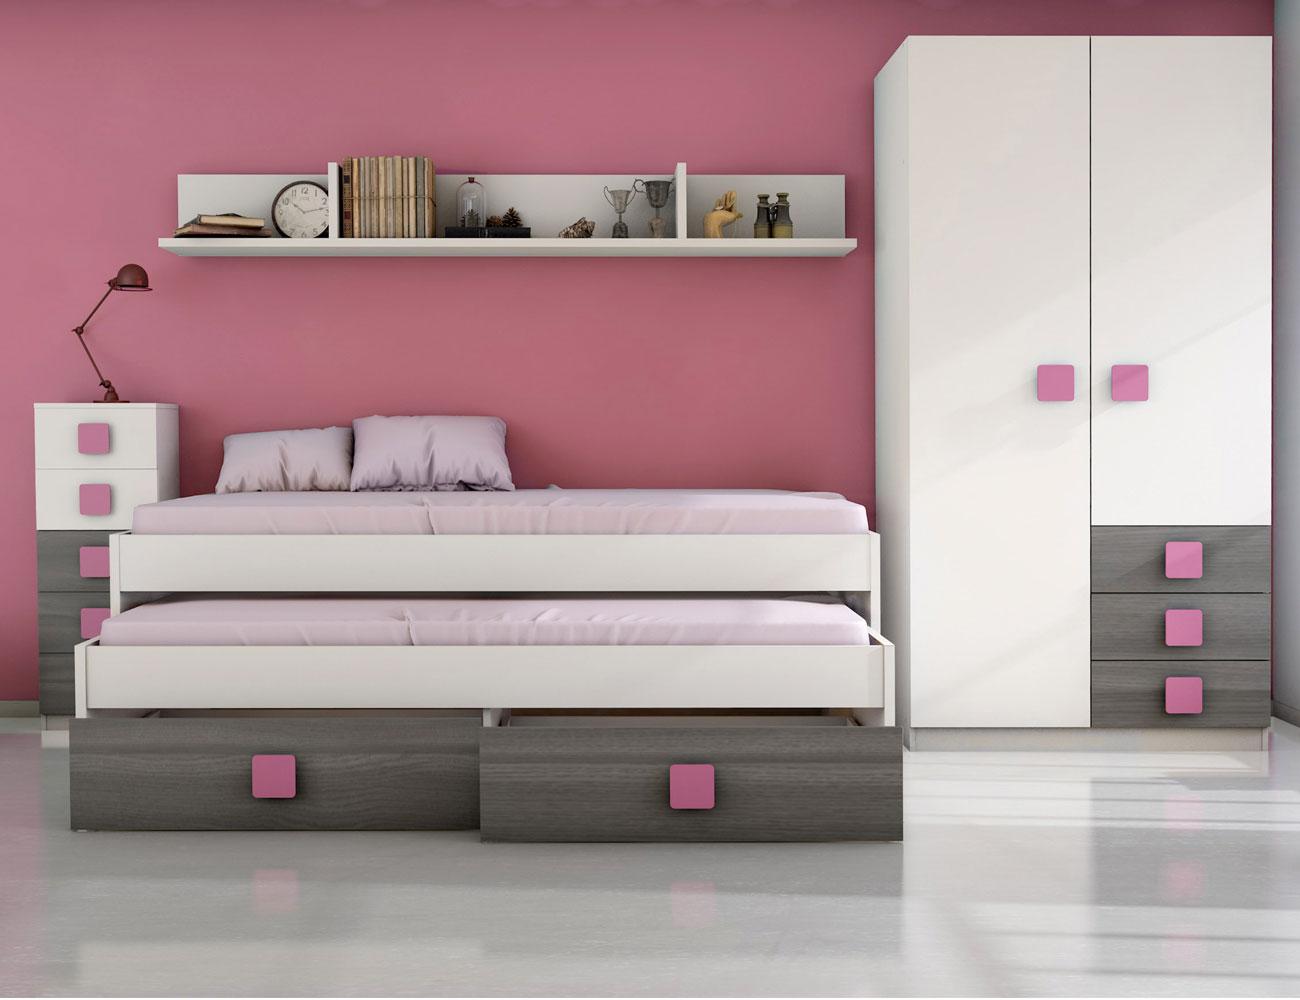 Dormitorio juvenil ceniza rosa6